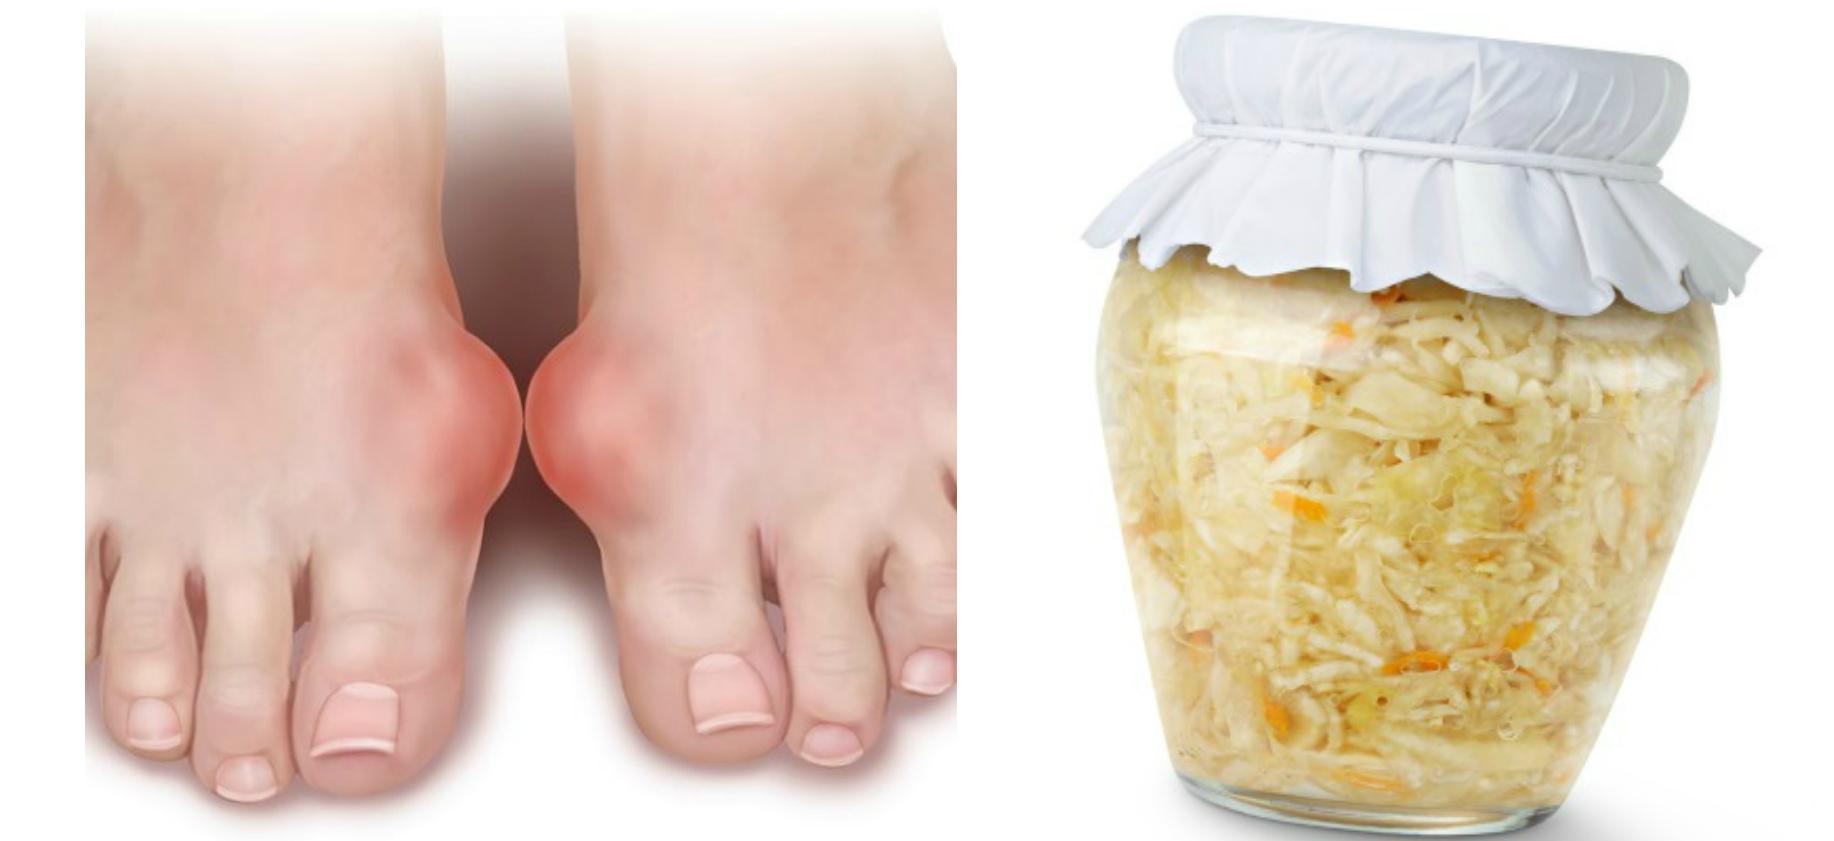 Порошок из бадяги для лечения пальца ноги